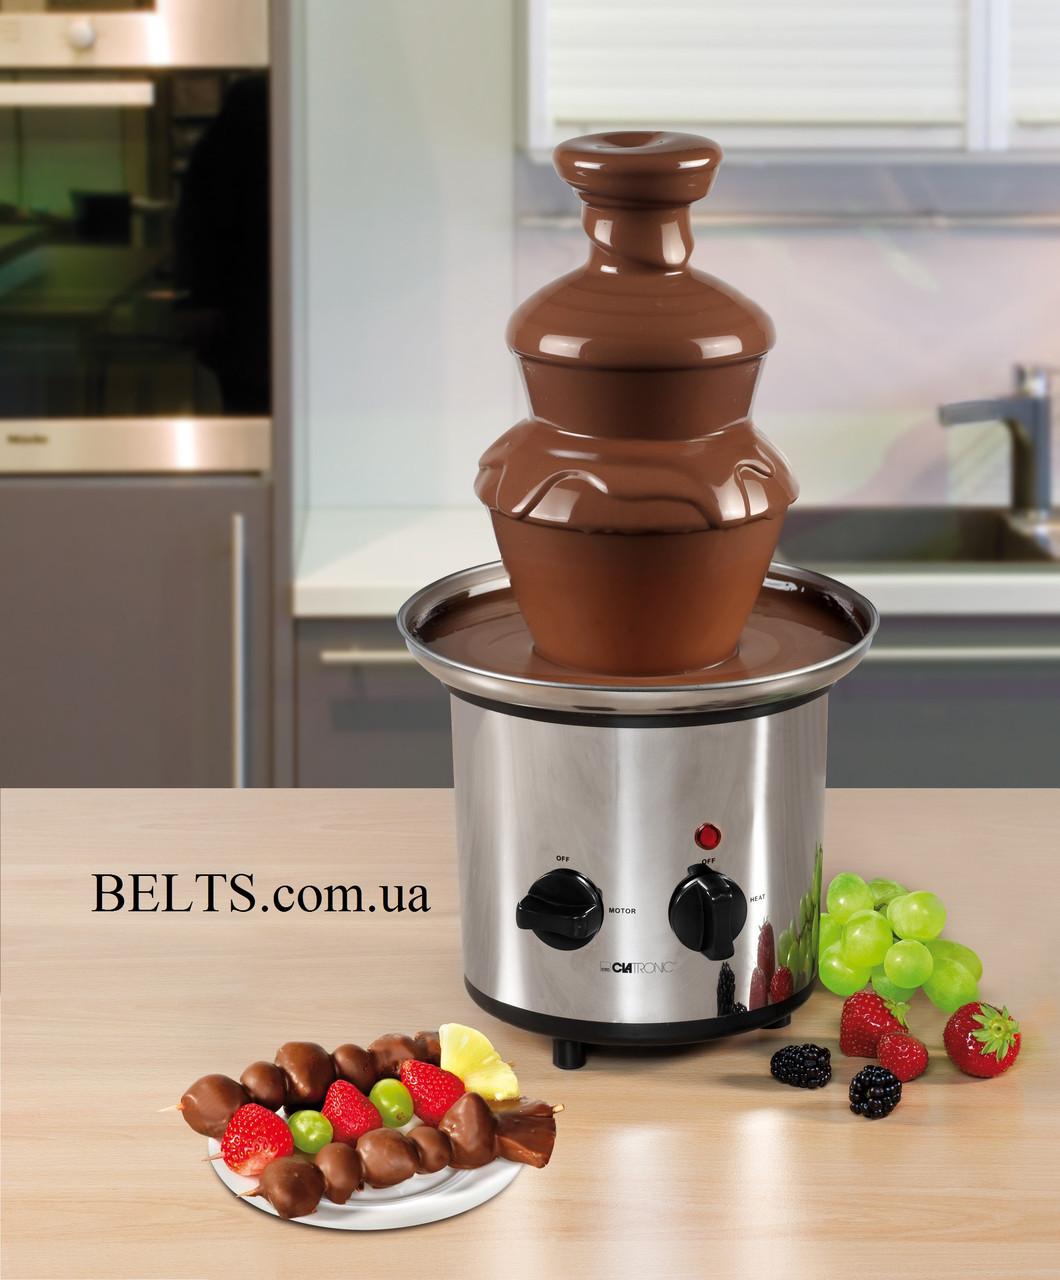 SKB 3248 Шоколадный фонтан для праздников Chocolate Fountain, шоколадный фондю chocolate fondue - Мегасвит в Киеве